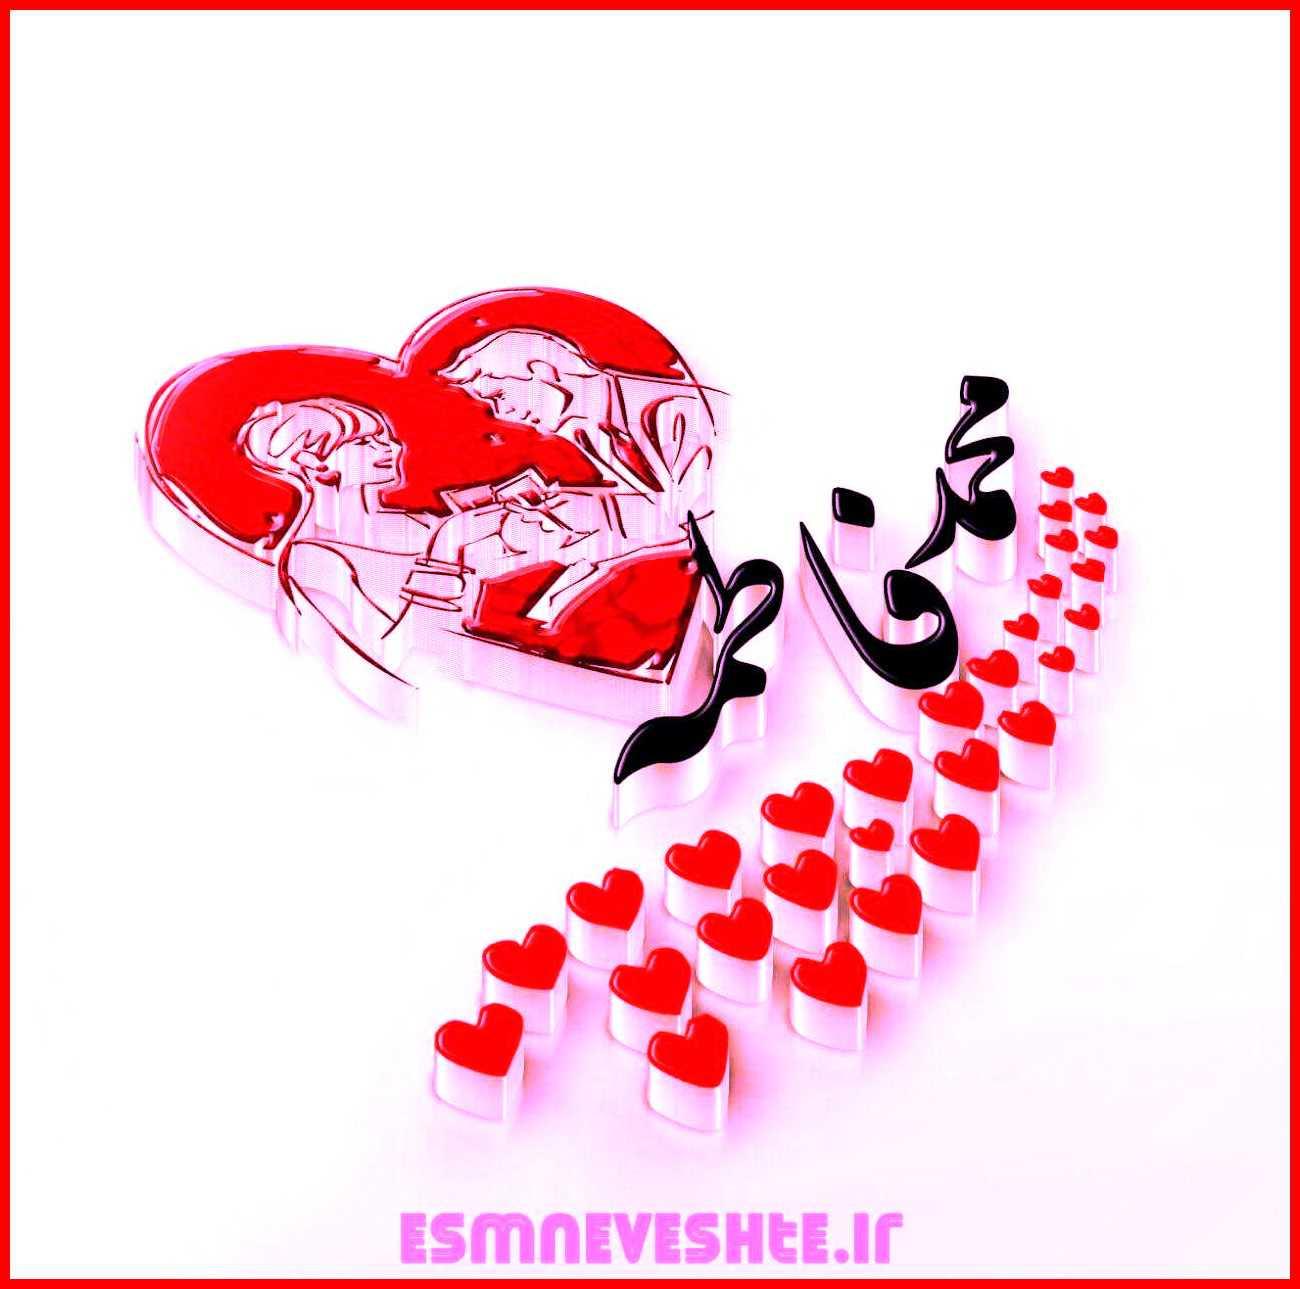 اسم نوشته محمد فاطمه